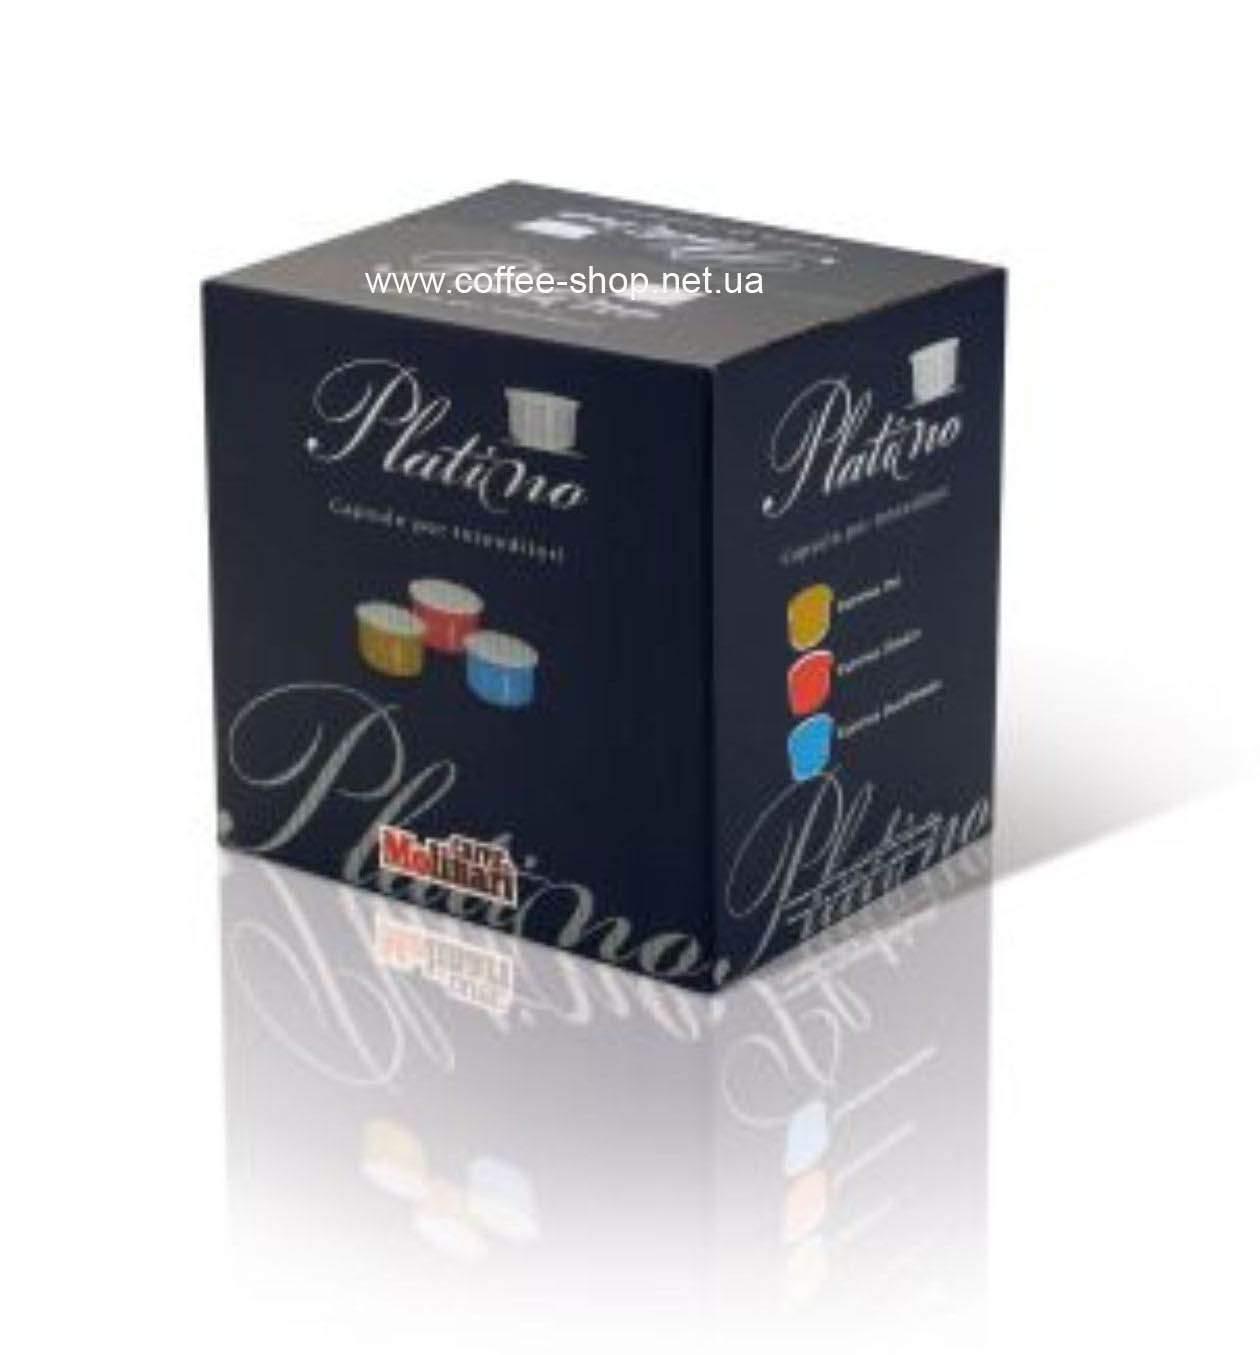 9380 | Кофе в капсулах Molinari PLATINO LINE Ginseng Flavoured Coffe (Женьшень) 50 шт | Coffee Shop